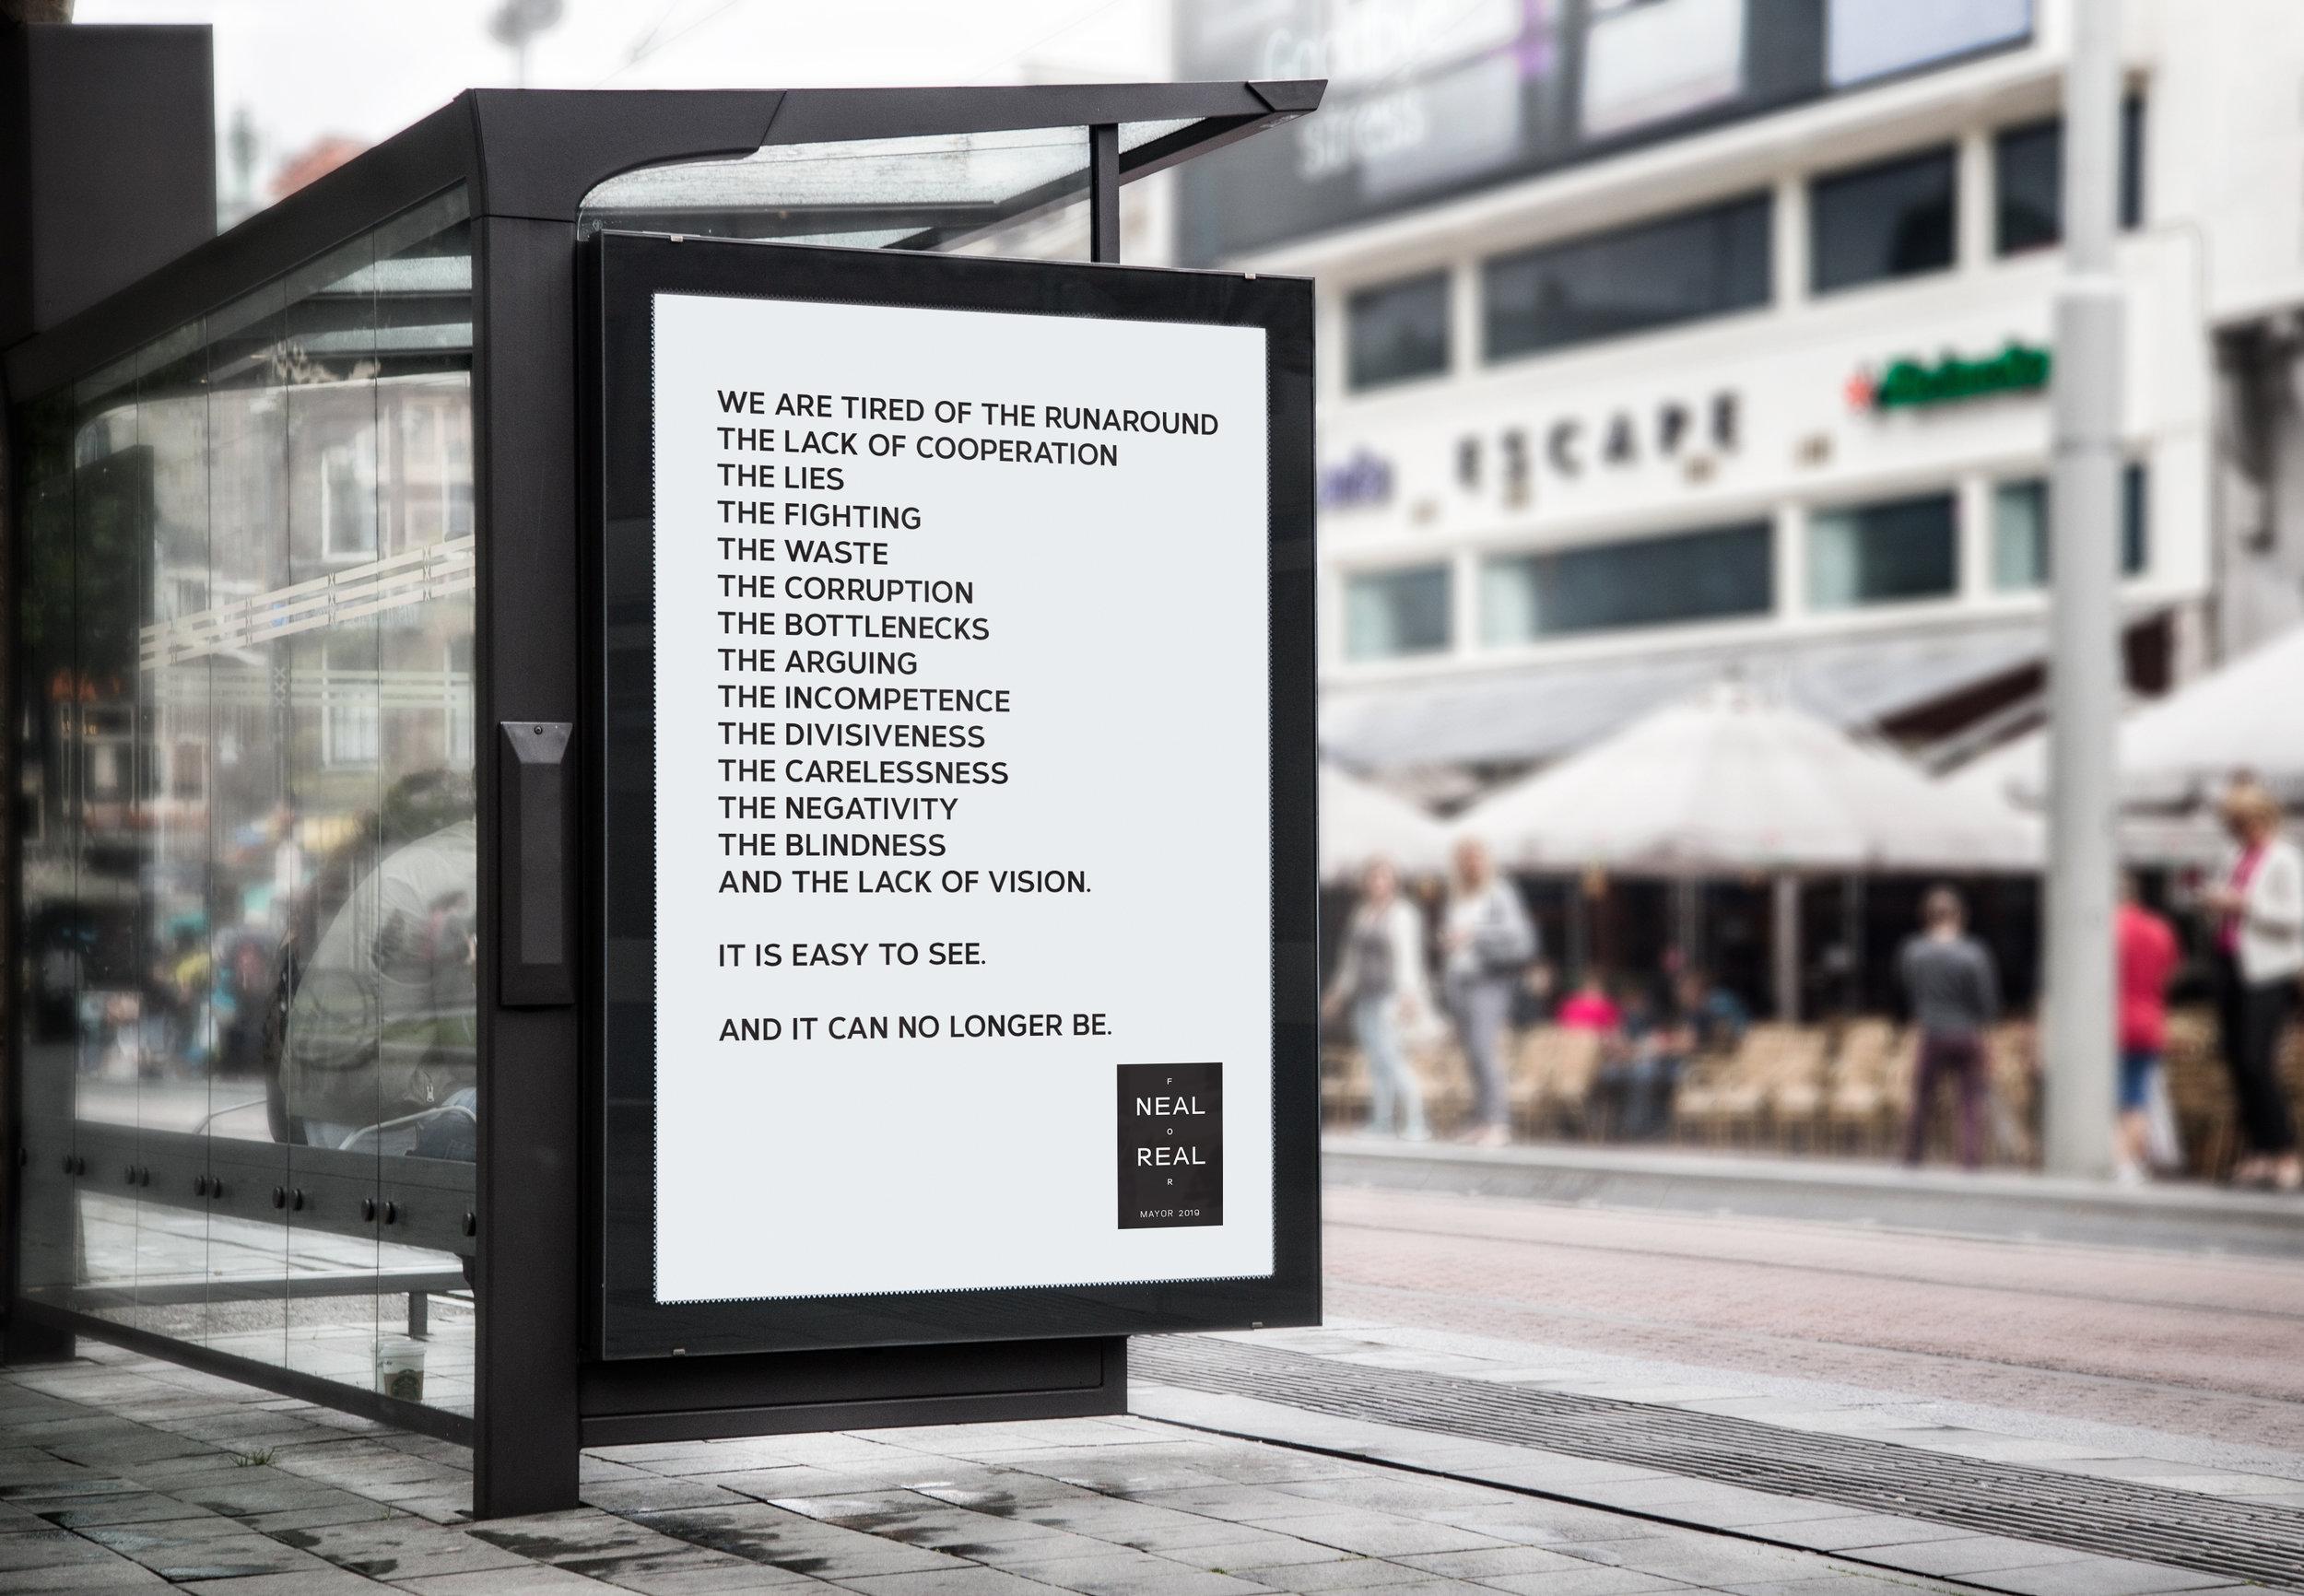 3D_billboard_bus-stop_2_3800w.jpg